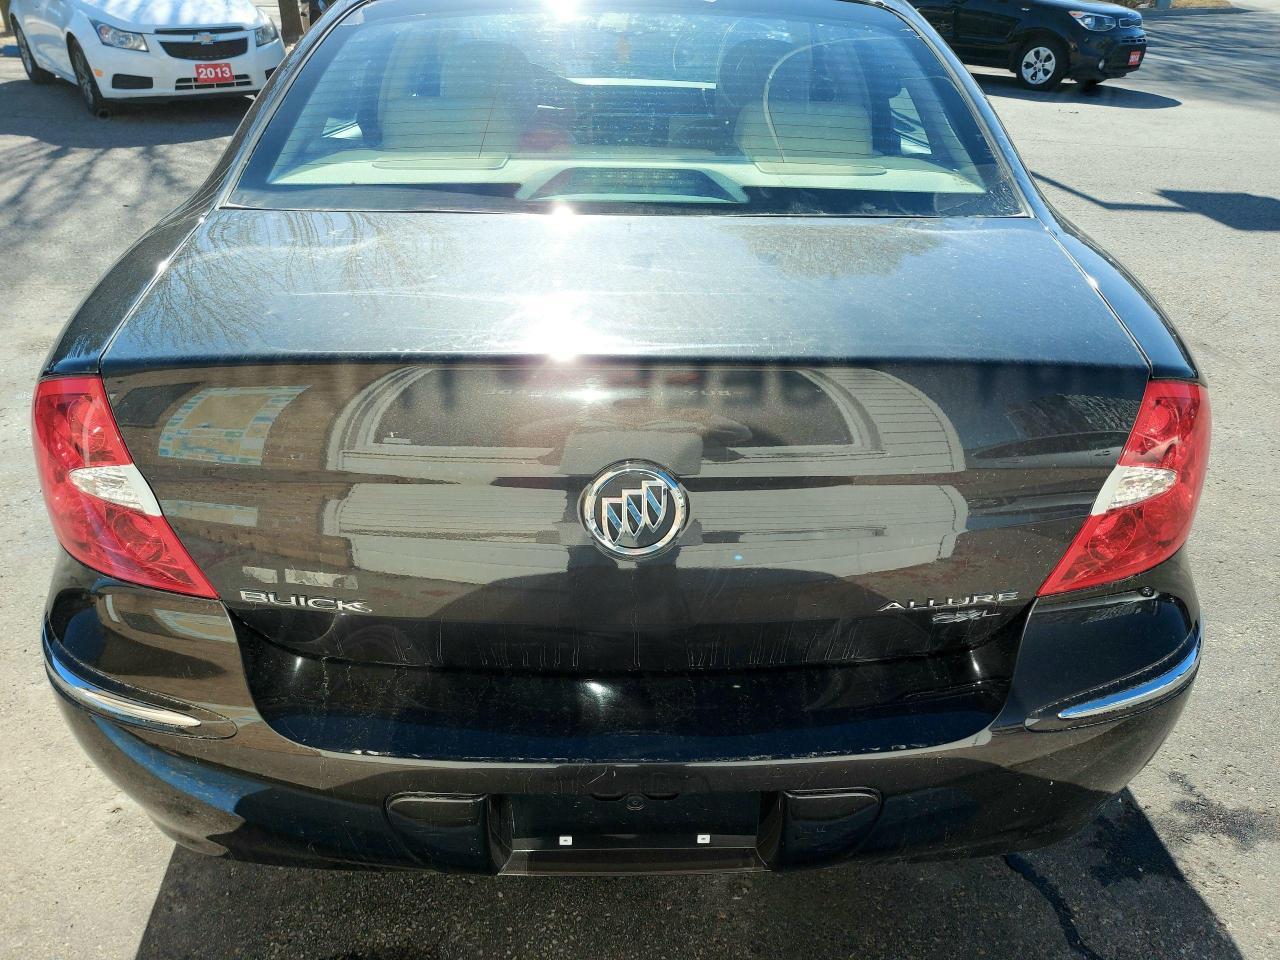 2008 Buick Allure